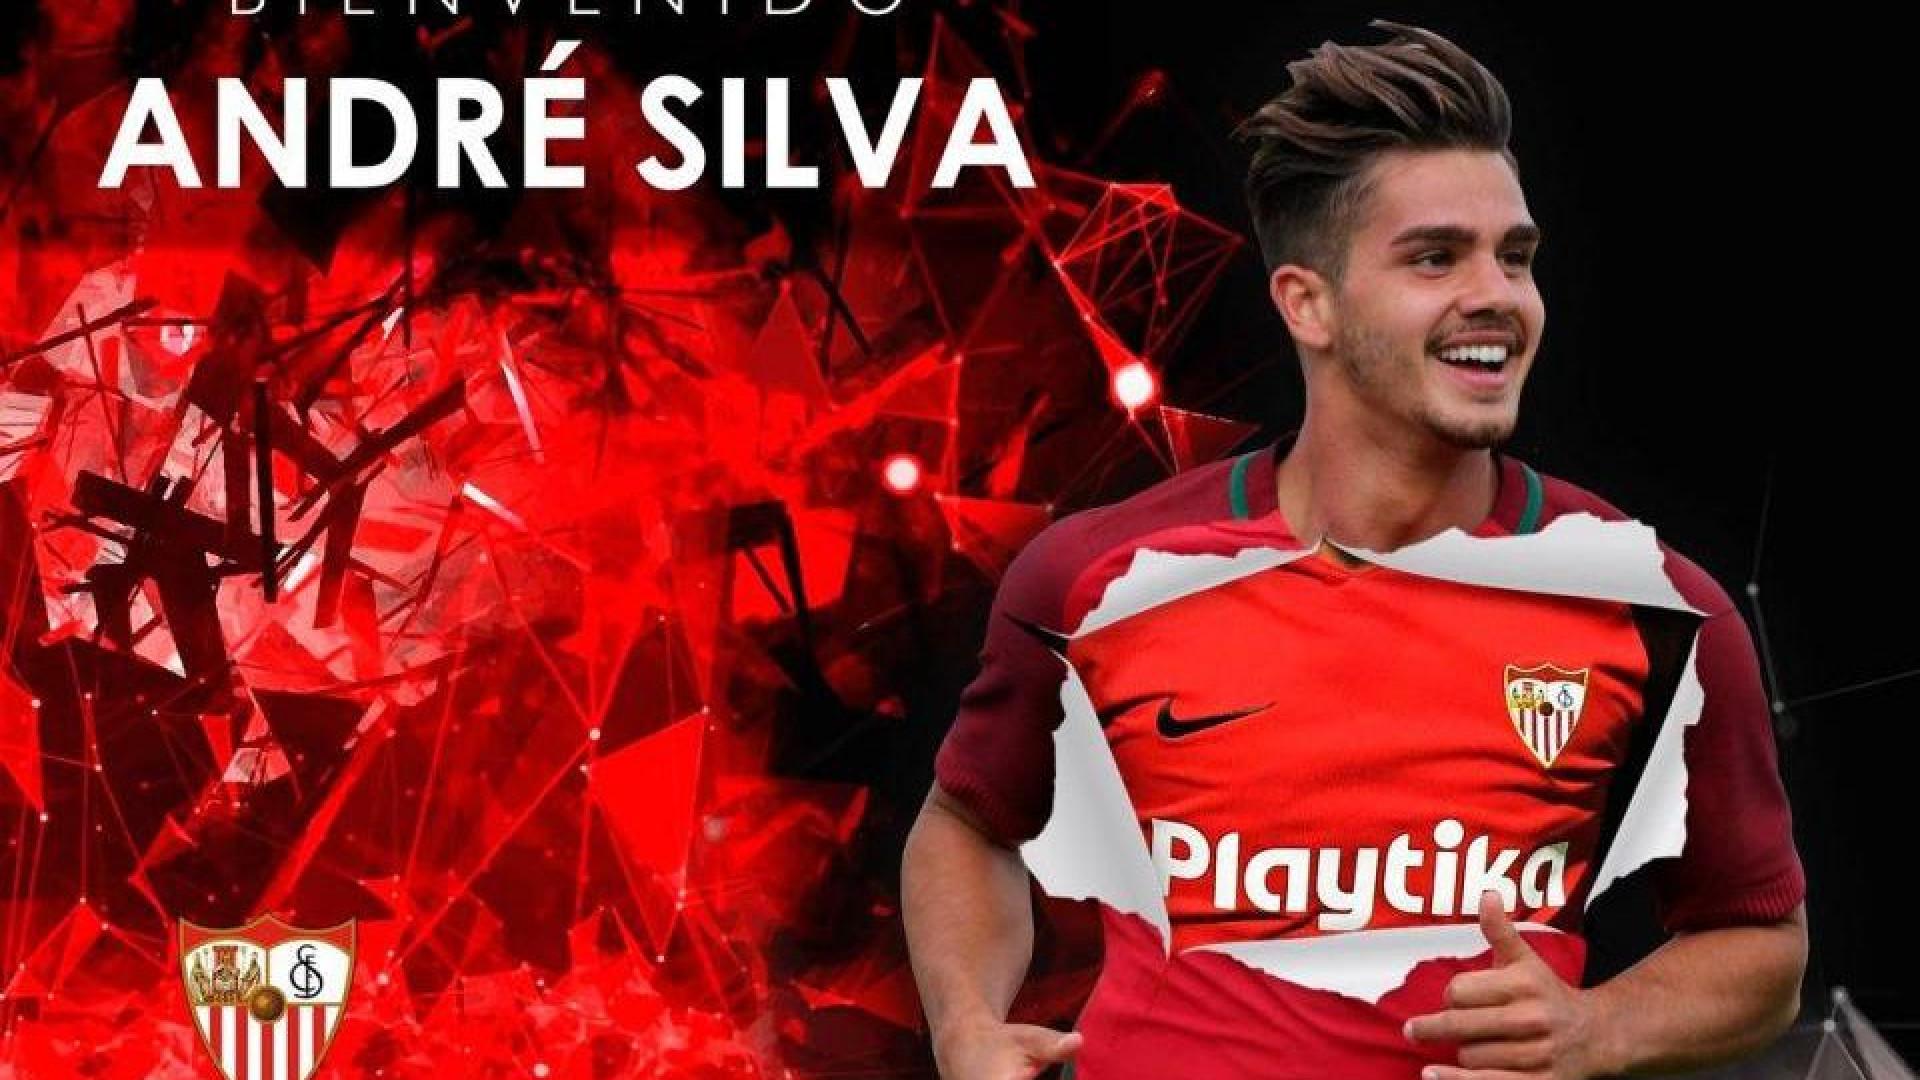 Oficial: André Silva é jogador do Sevilla por empréstimo do Milan